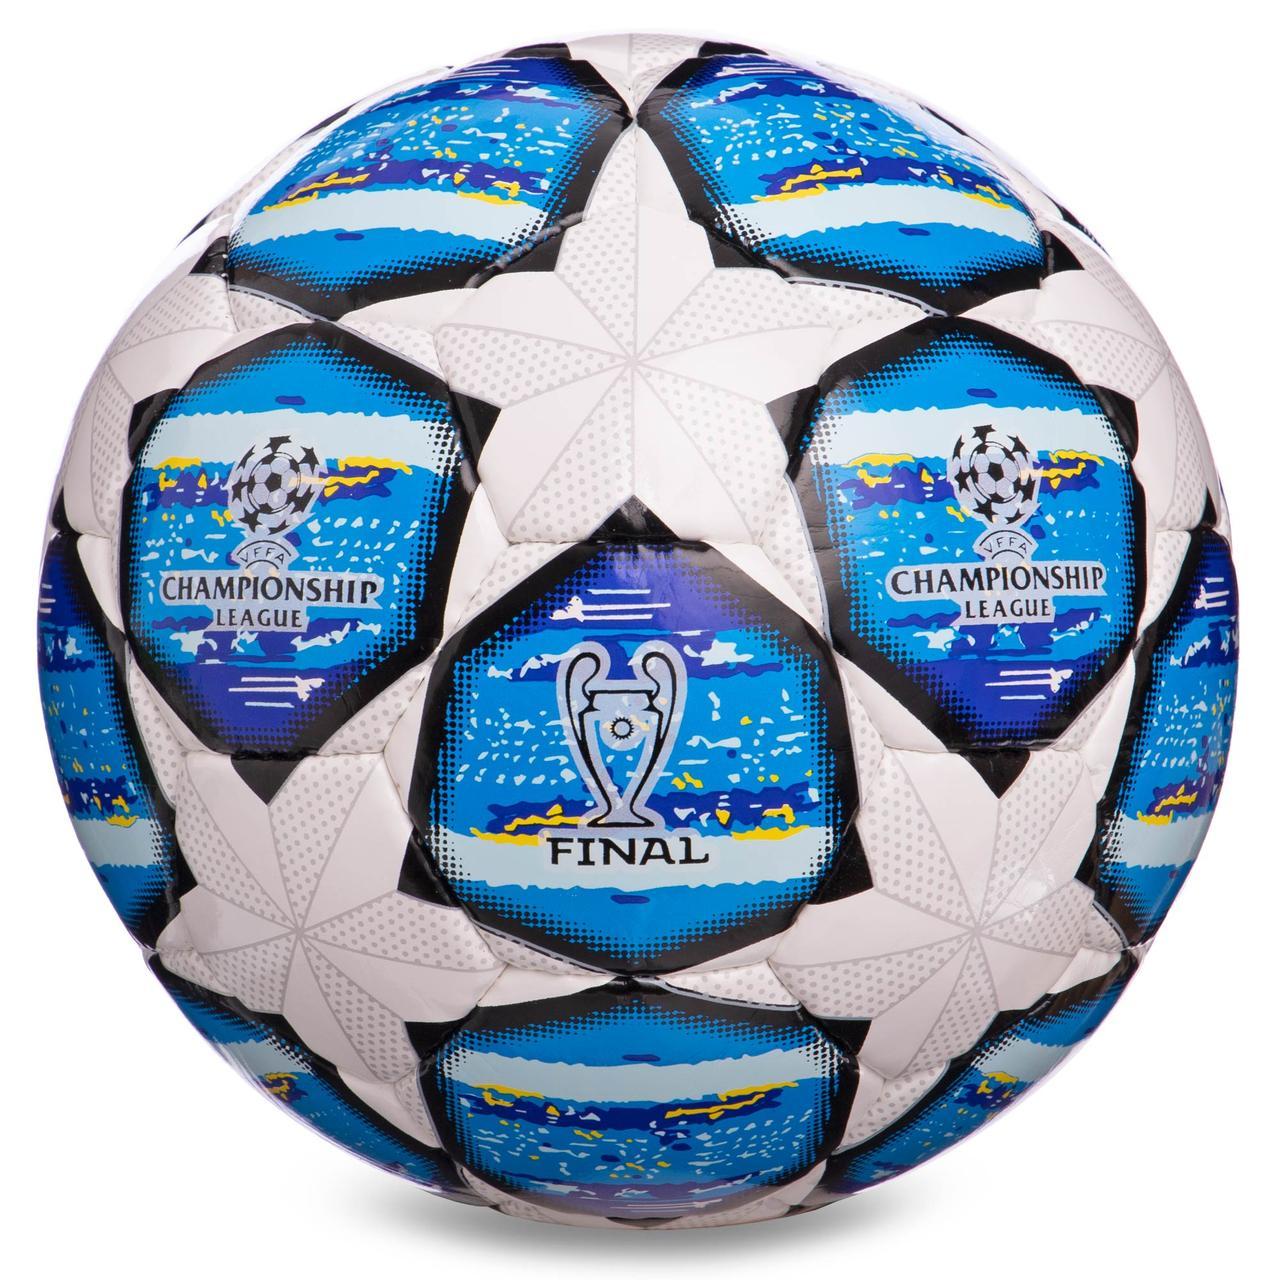 Мяч для футбола размер 3 PU ламин. CHAMPIONS LEAGUE FB-0150-3